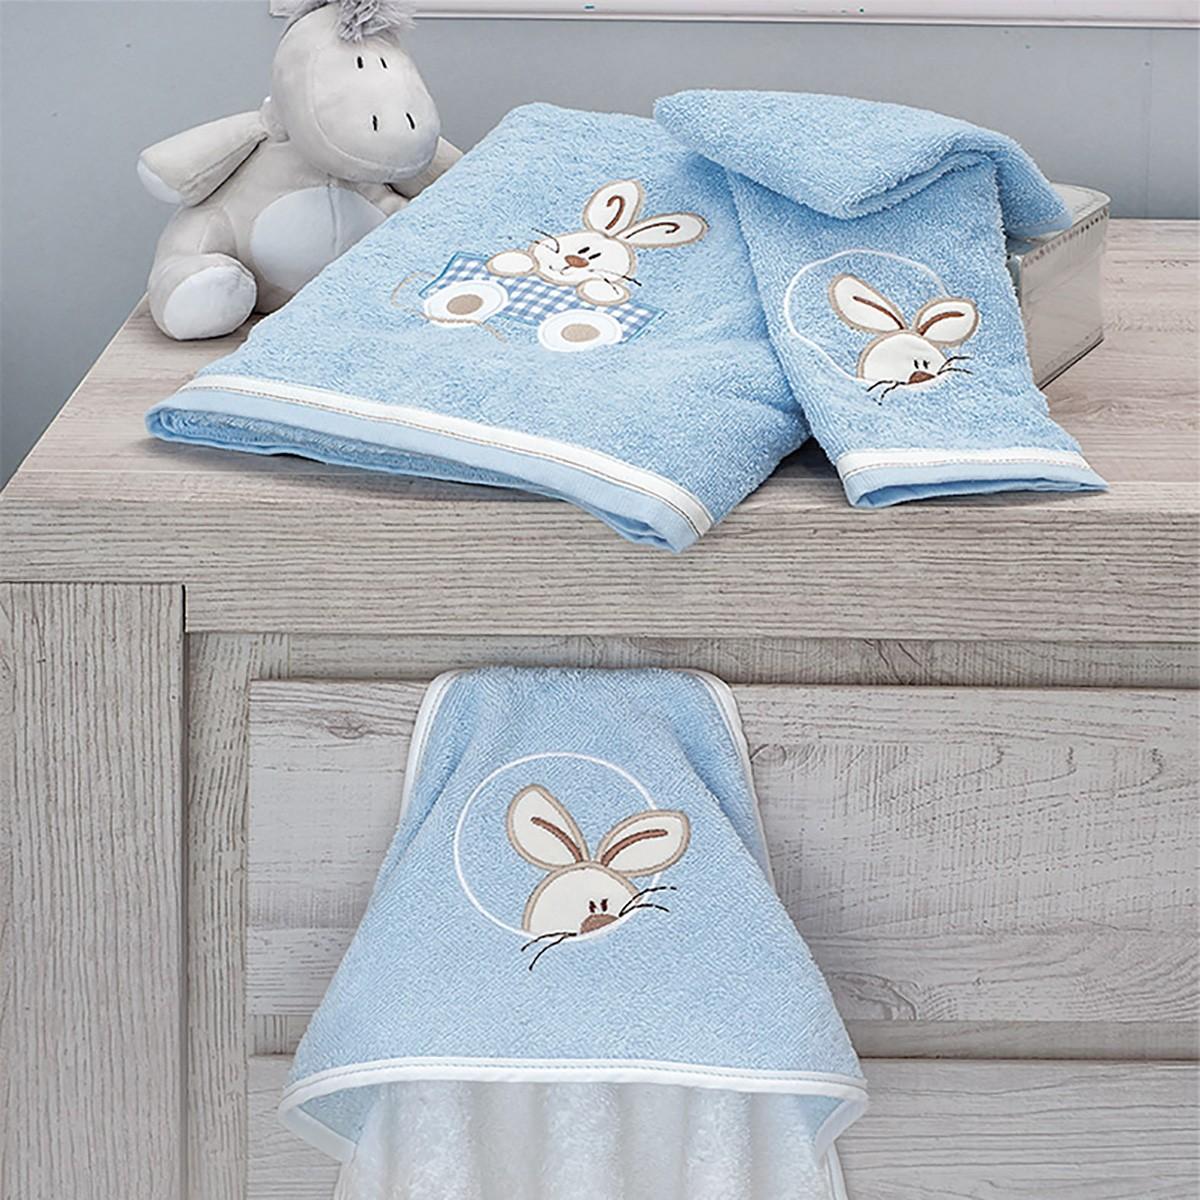 Βρεφικές Πετσέτες (Σετ 2τμχ) Baby Oliver Happy Bunny Des 141